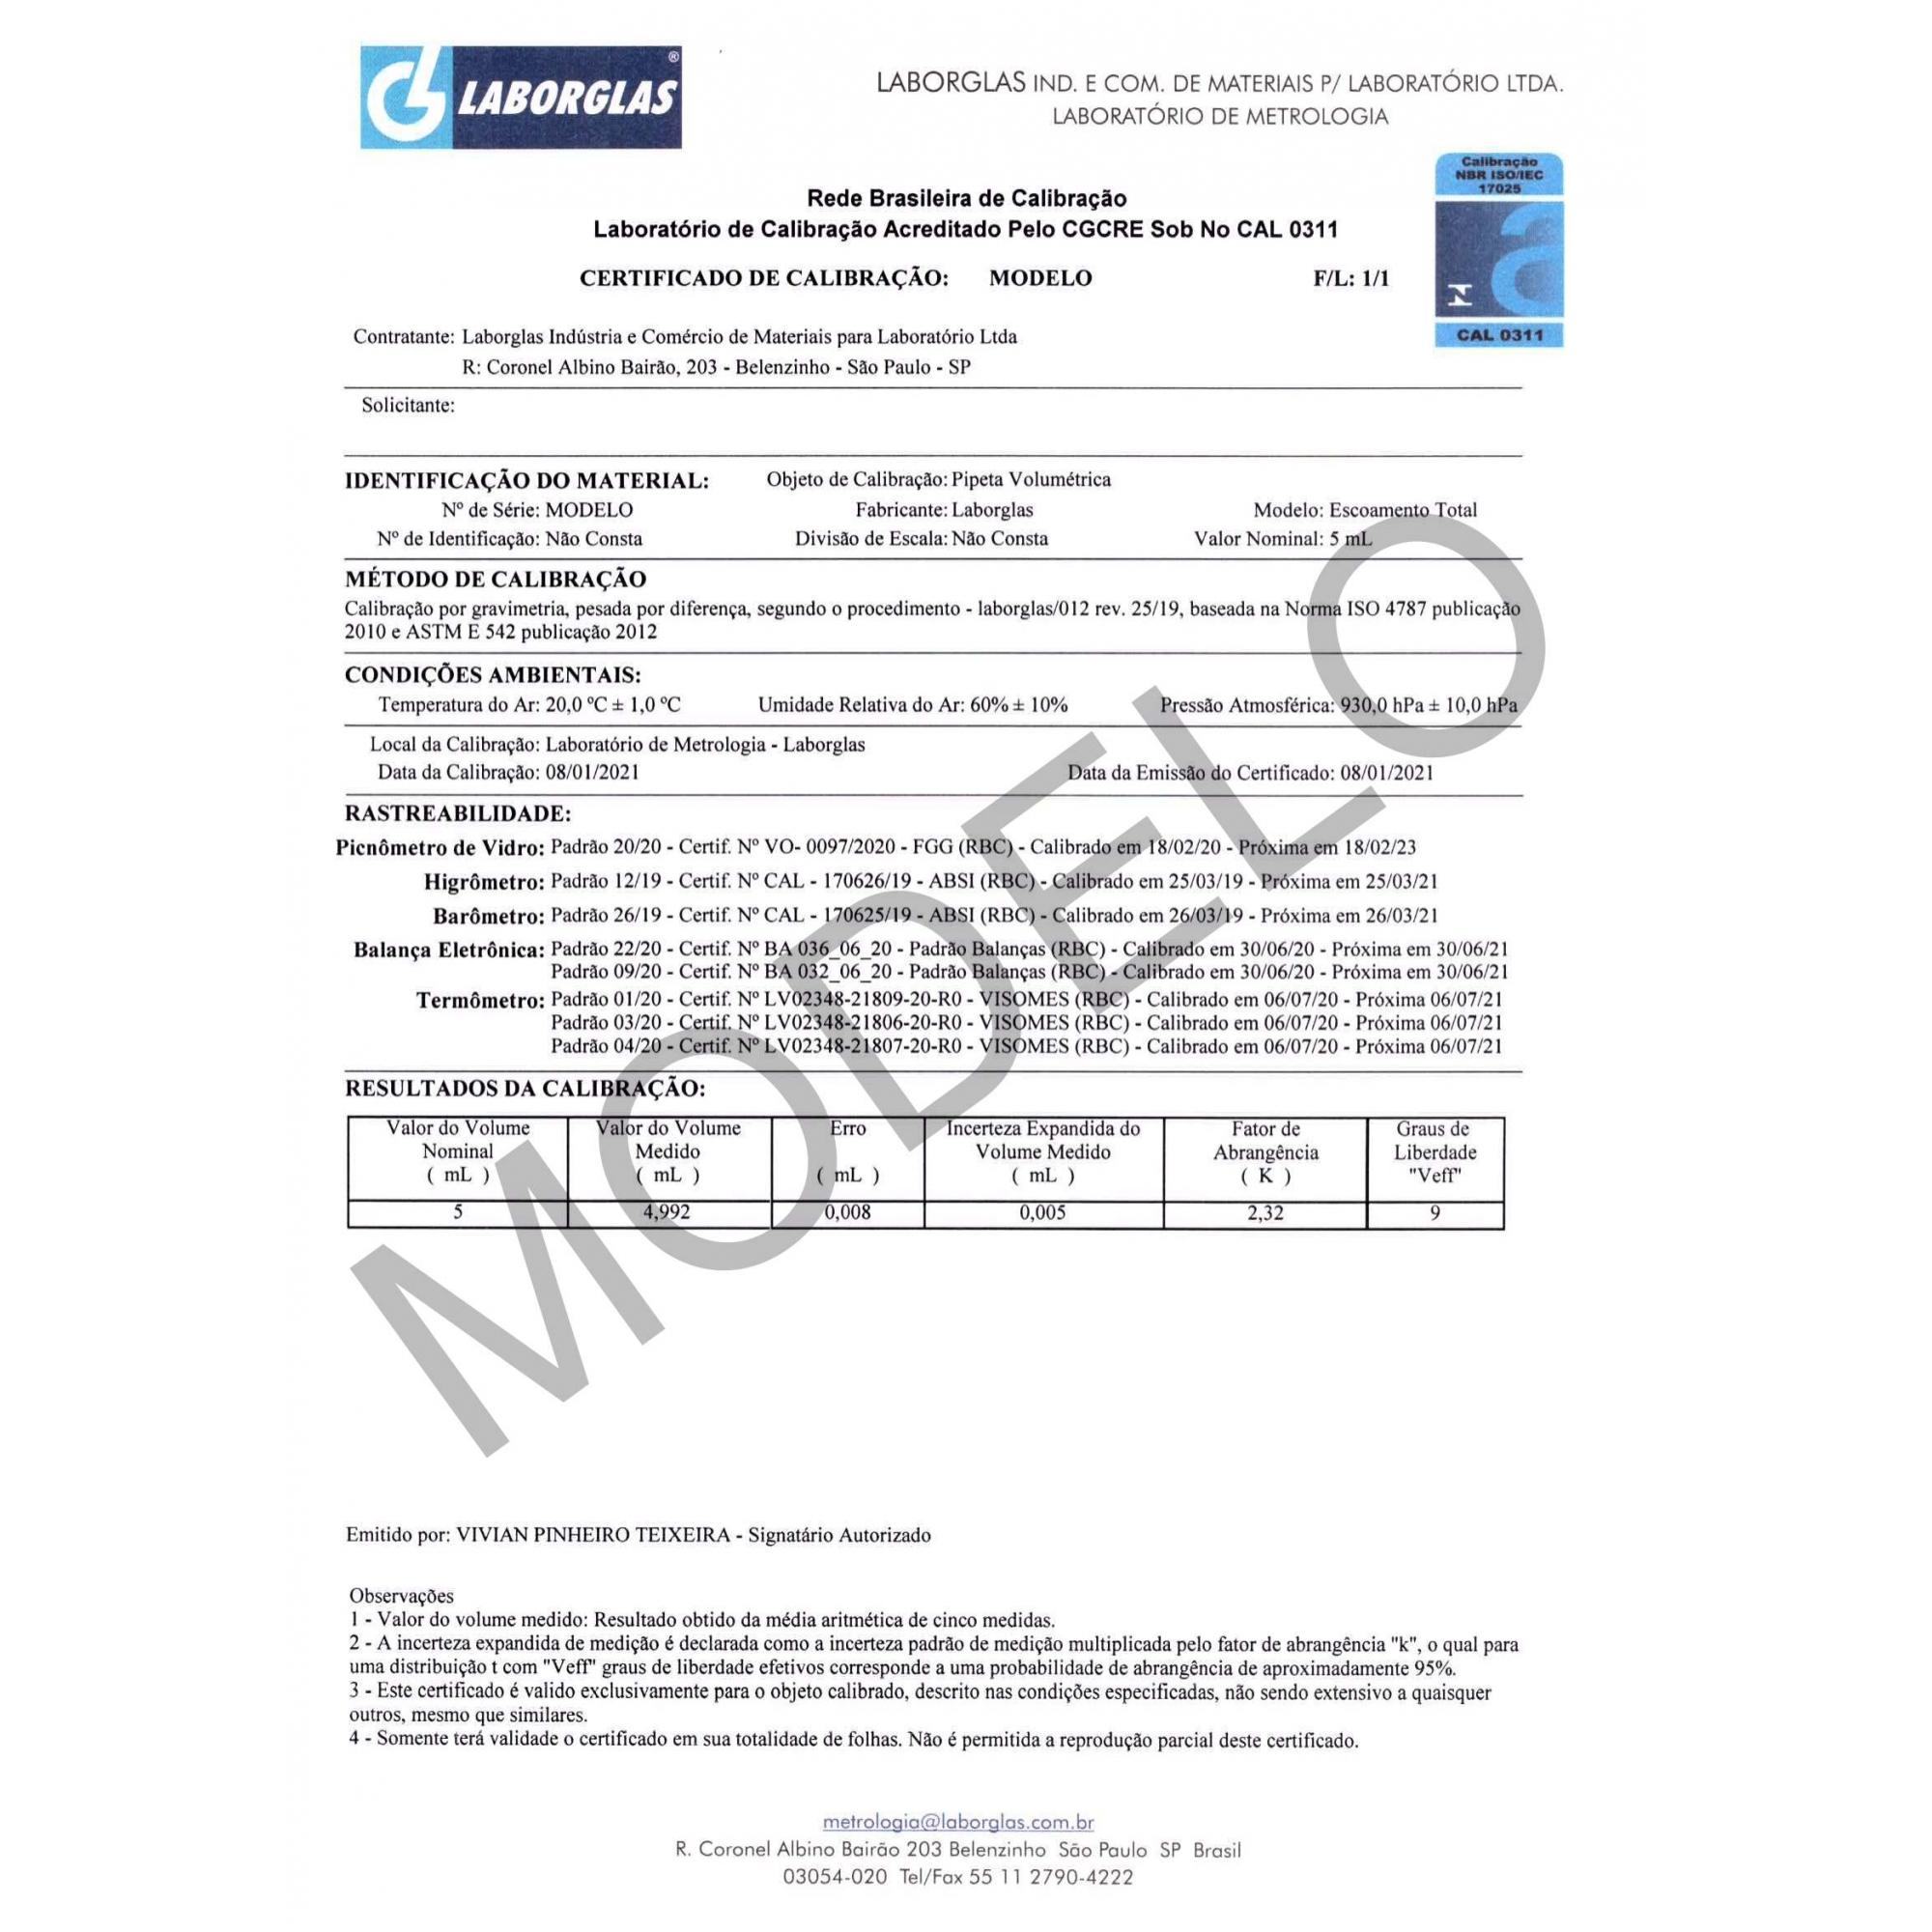 PIPETA VOLUMÉTRICA ESGOTAMENTO TOTAL CLASSE A  2 ML COM CERTIFICADO RBC - Laborglas - Cód. 9433803-R